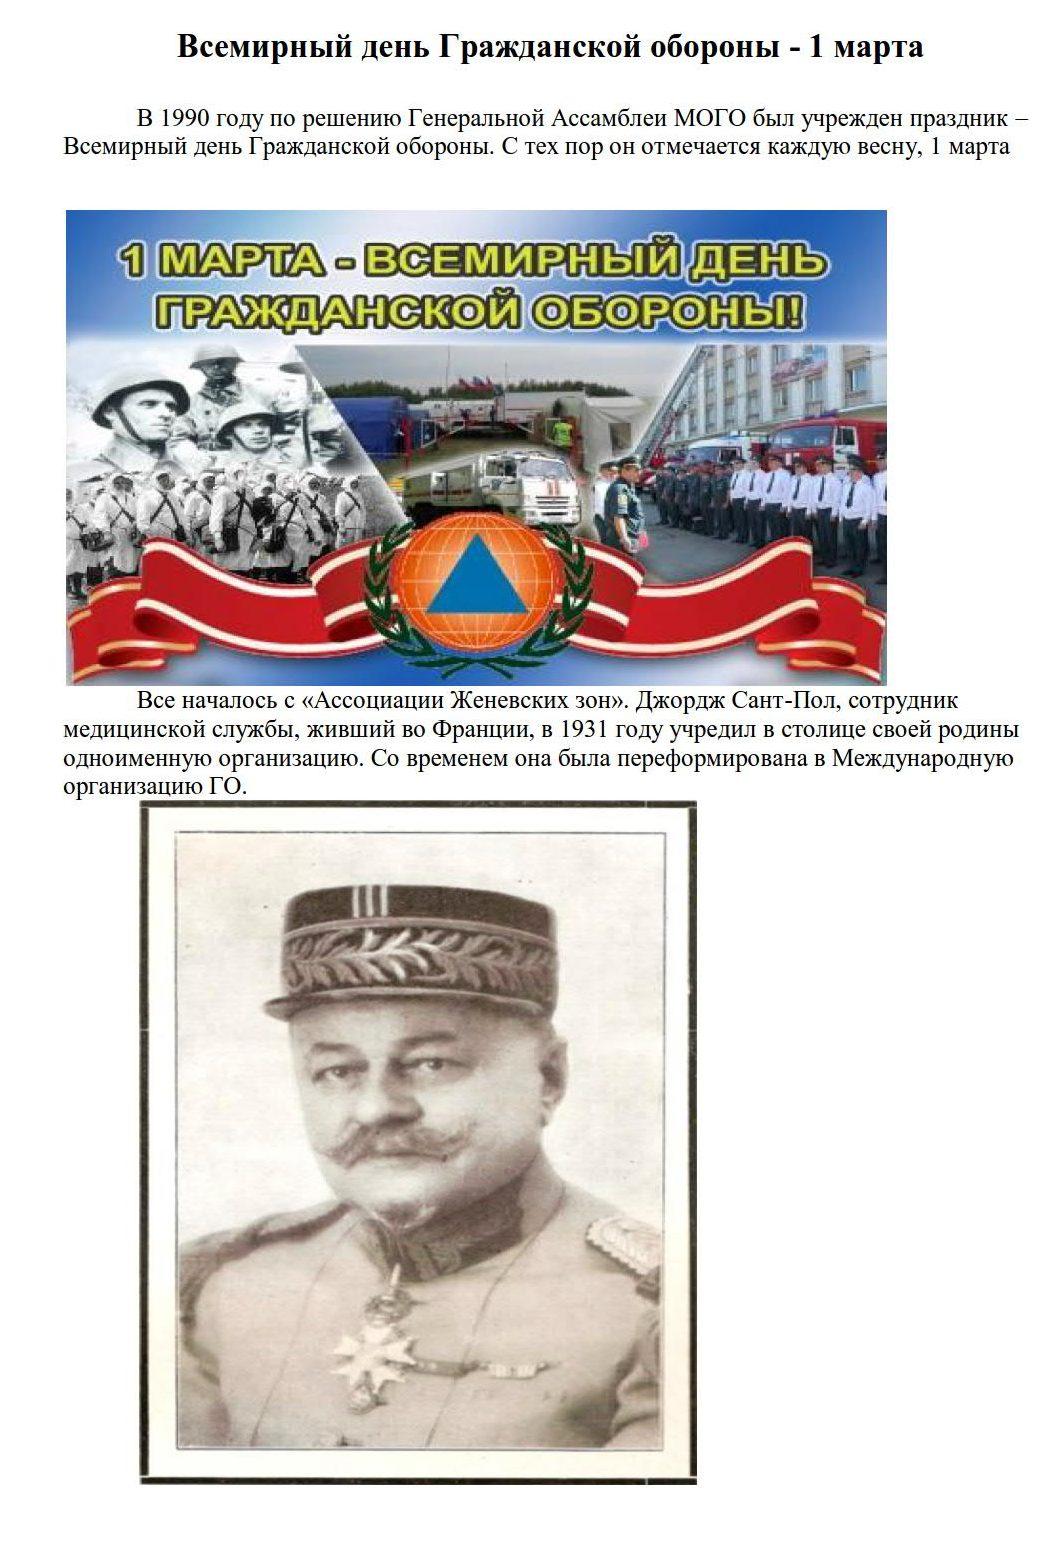 Информационные материалы 1 марта Всемирный день гражданской обороны_1